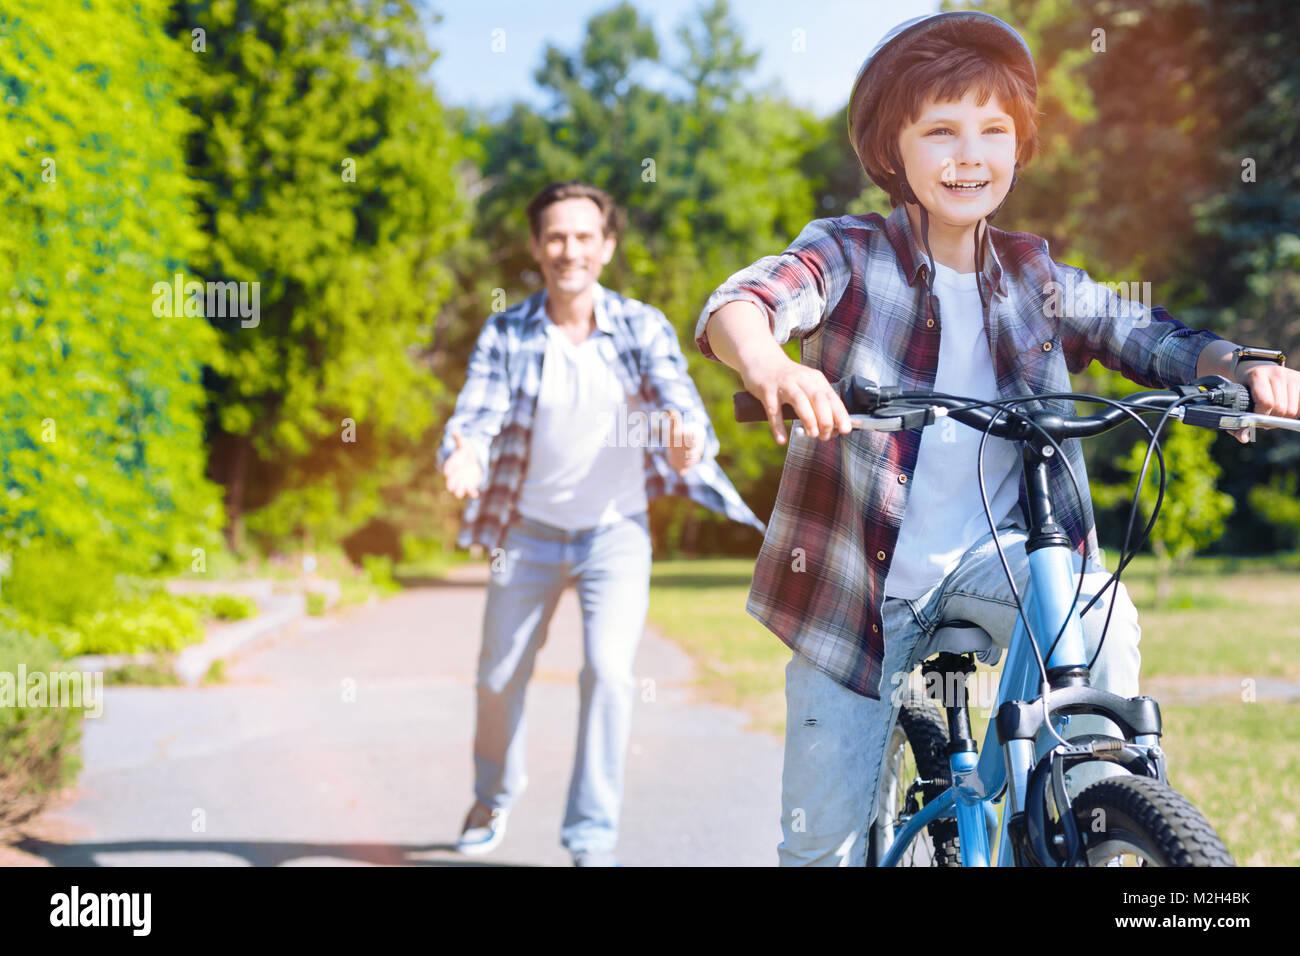 L'enseignement de l'esprit père fils chaude pour circuler à bicyclette Photo Stock